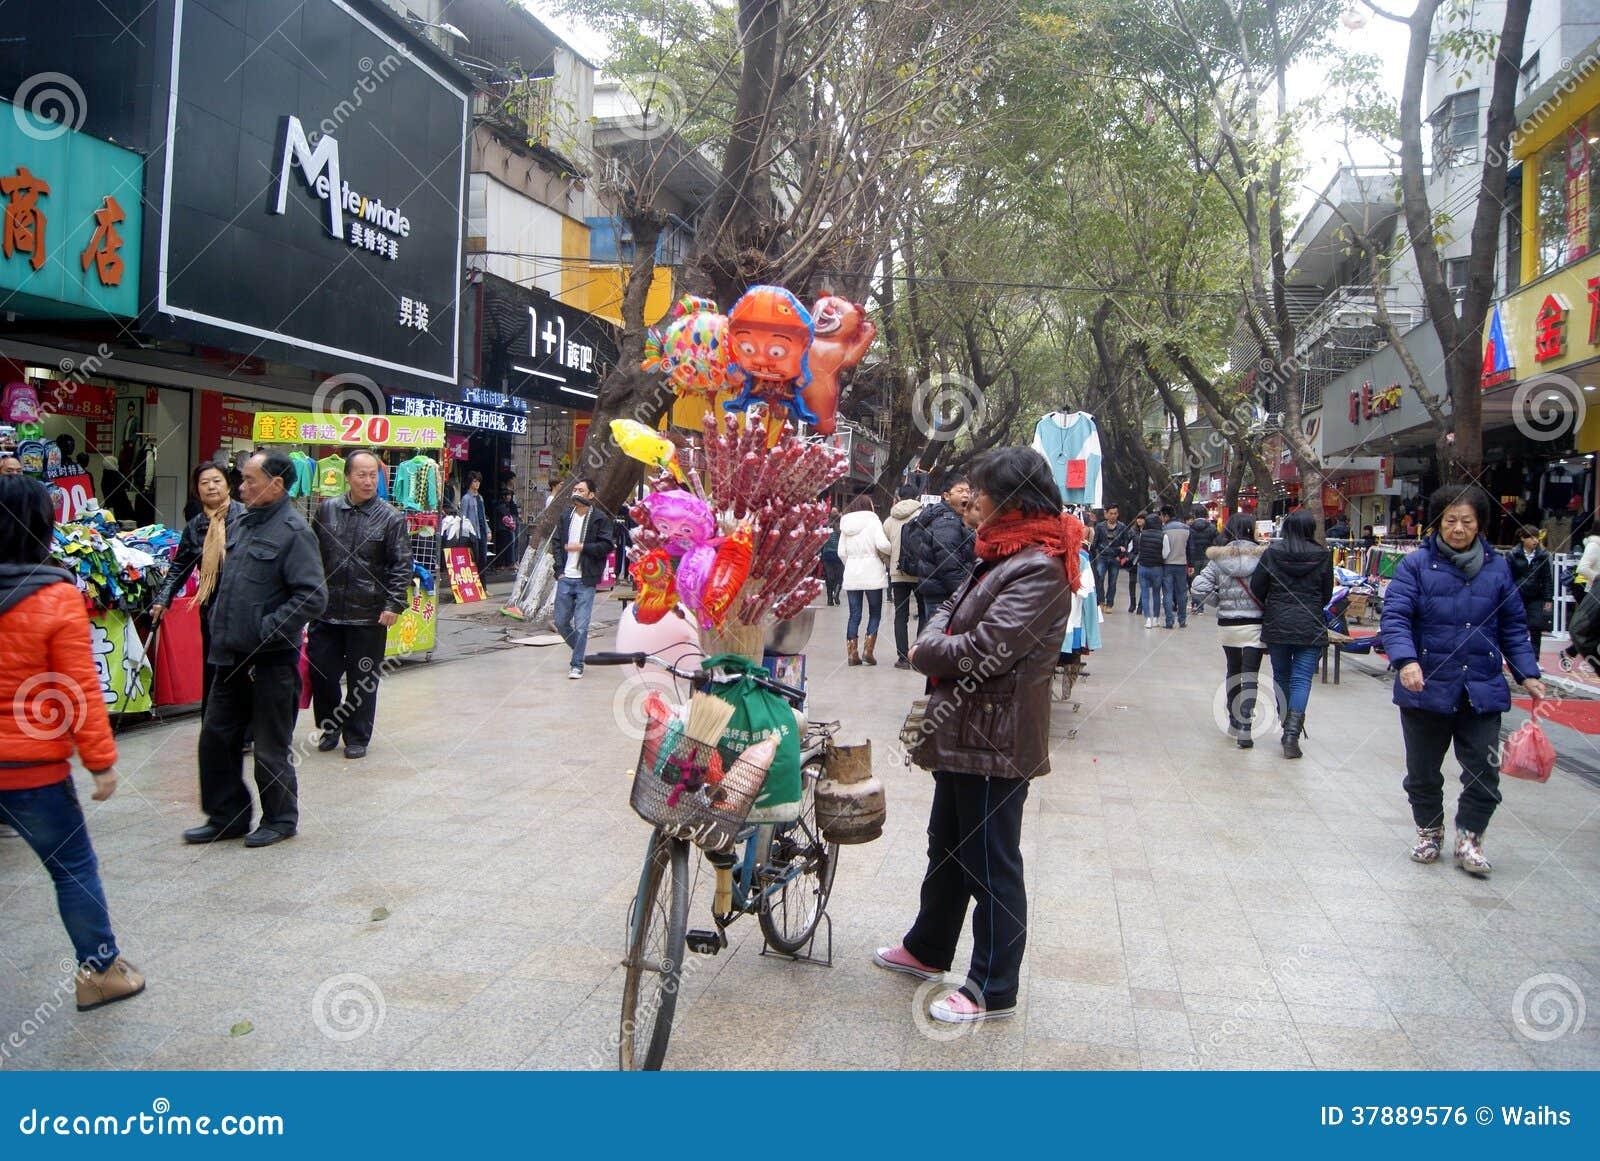 Verkopende ijs-suiker pompoen en ballons in China